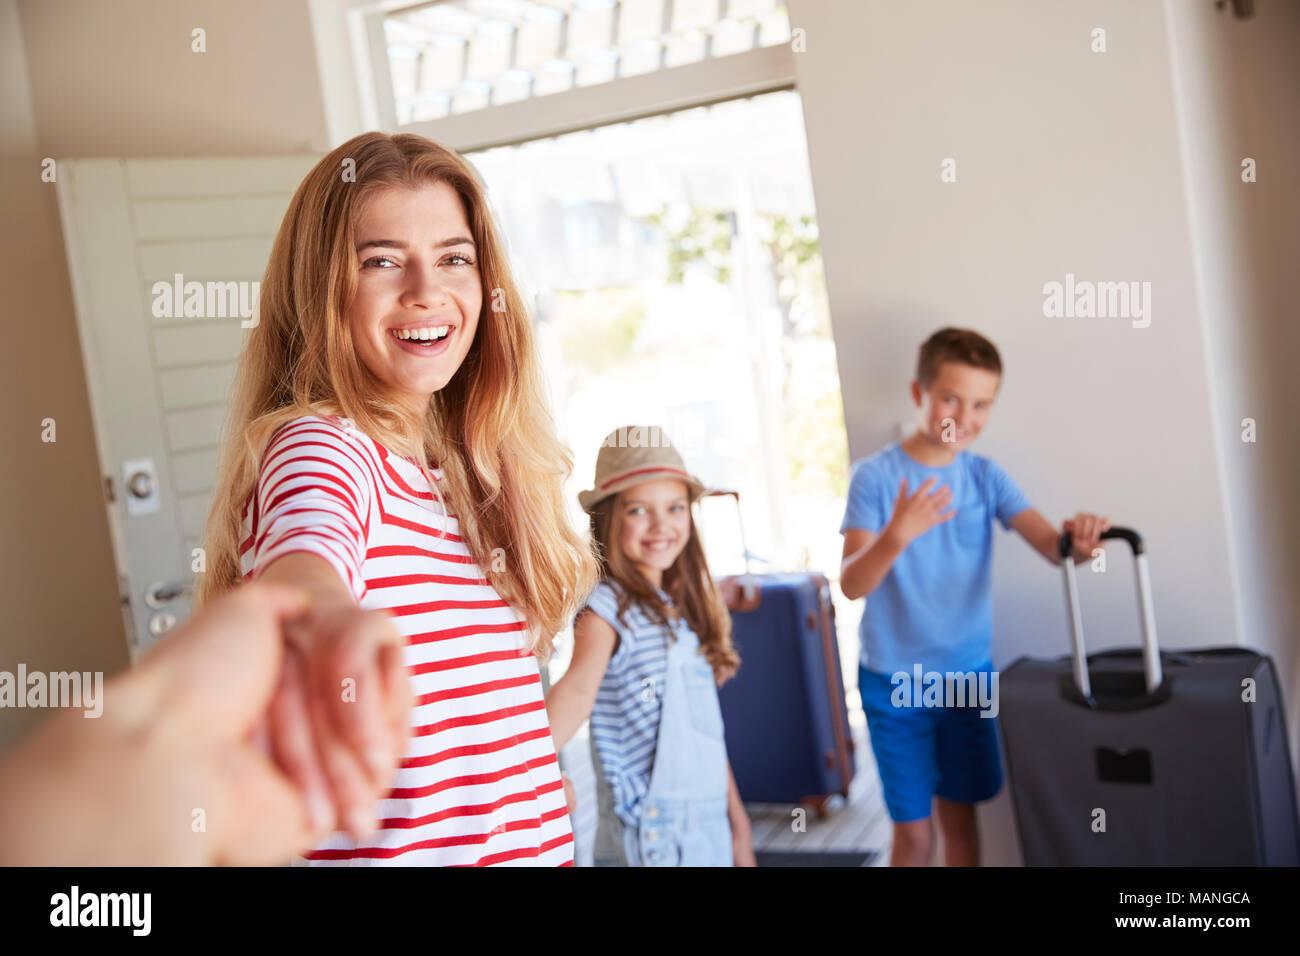 POV-Shot von Familie mit Gepäck verlassen Haus für Ferienhäuser Stockbild